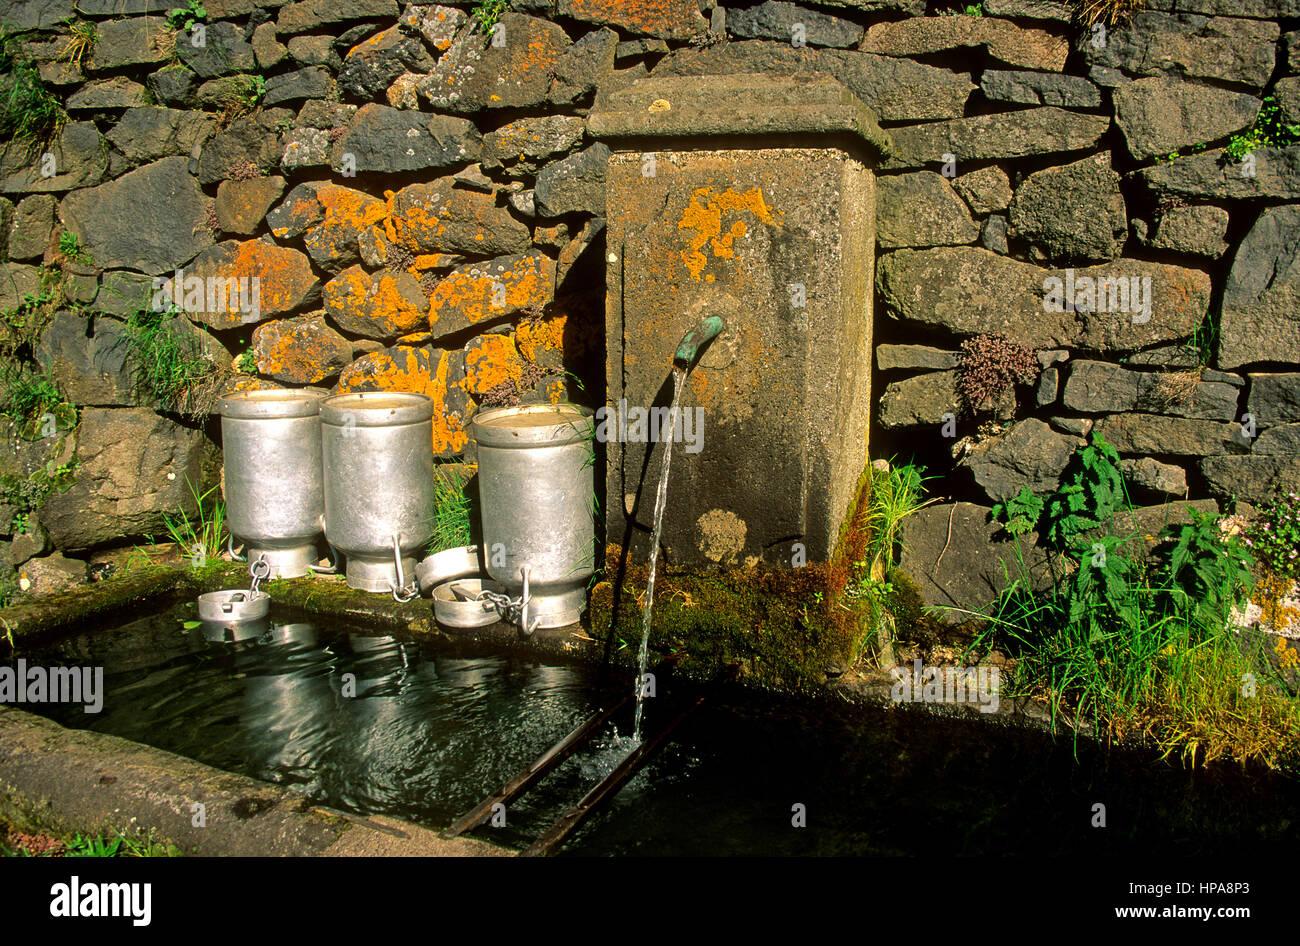 Dorfbrunnen Wasser aus einem Brunnen in der Auvergne, Frankreich mit Containern, Wasser zu tragen Stockbild